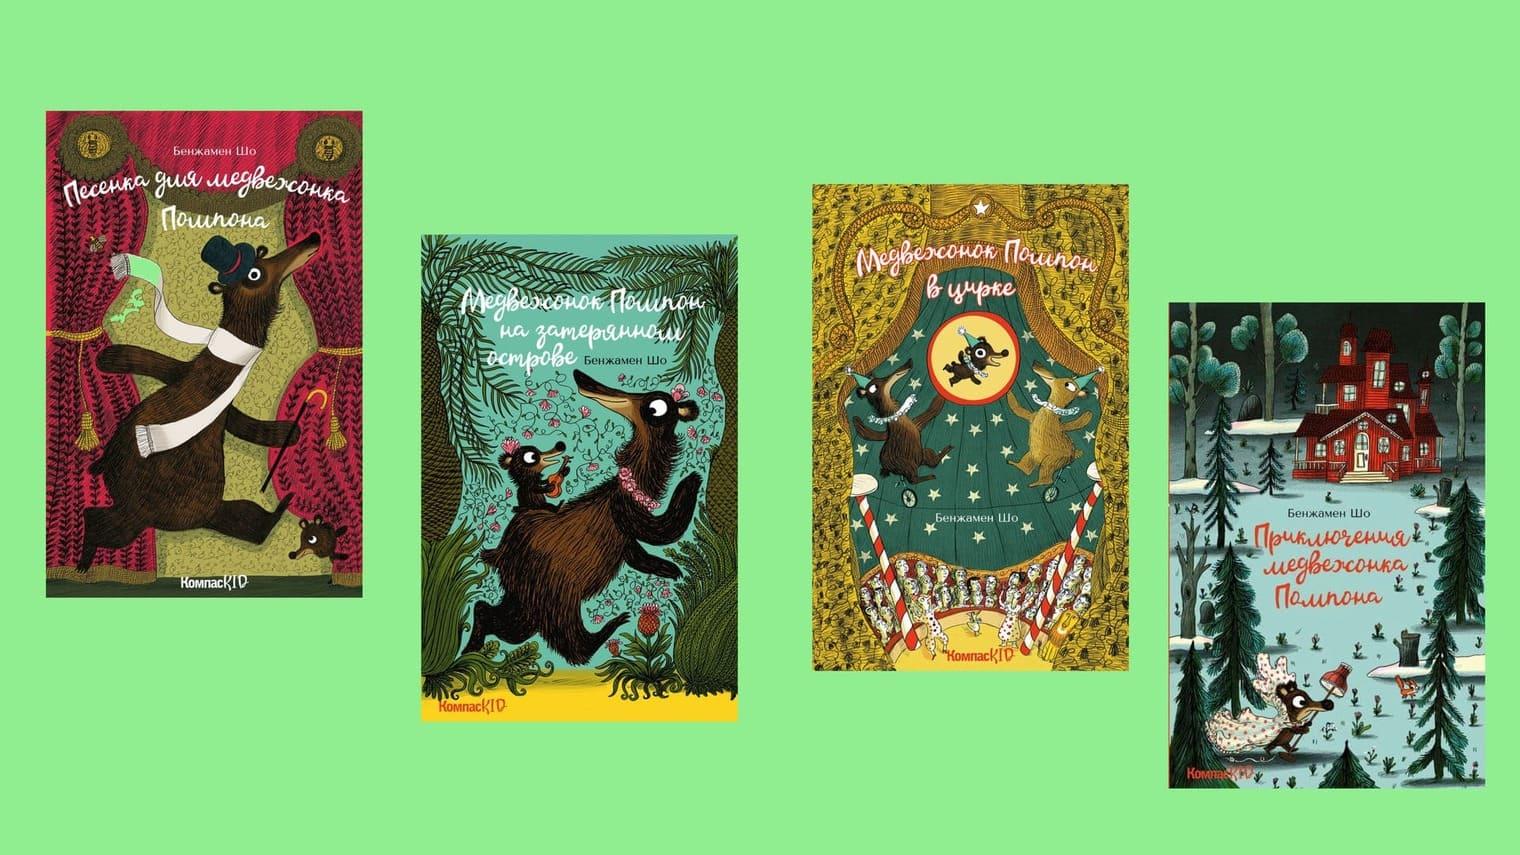 Создатель медвежонка Помпона встретится с российскими читателями